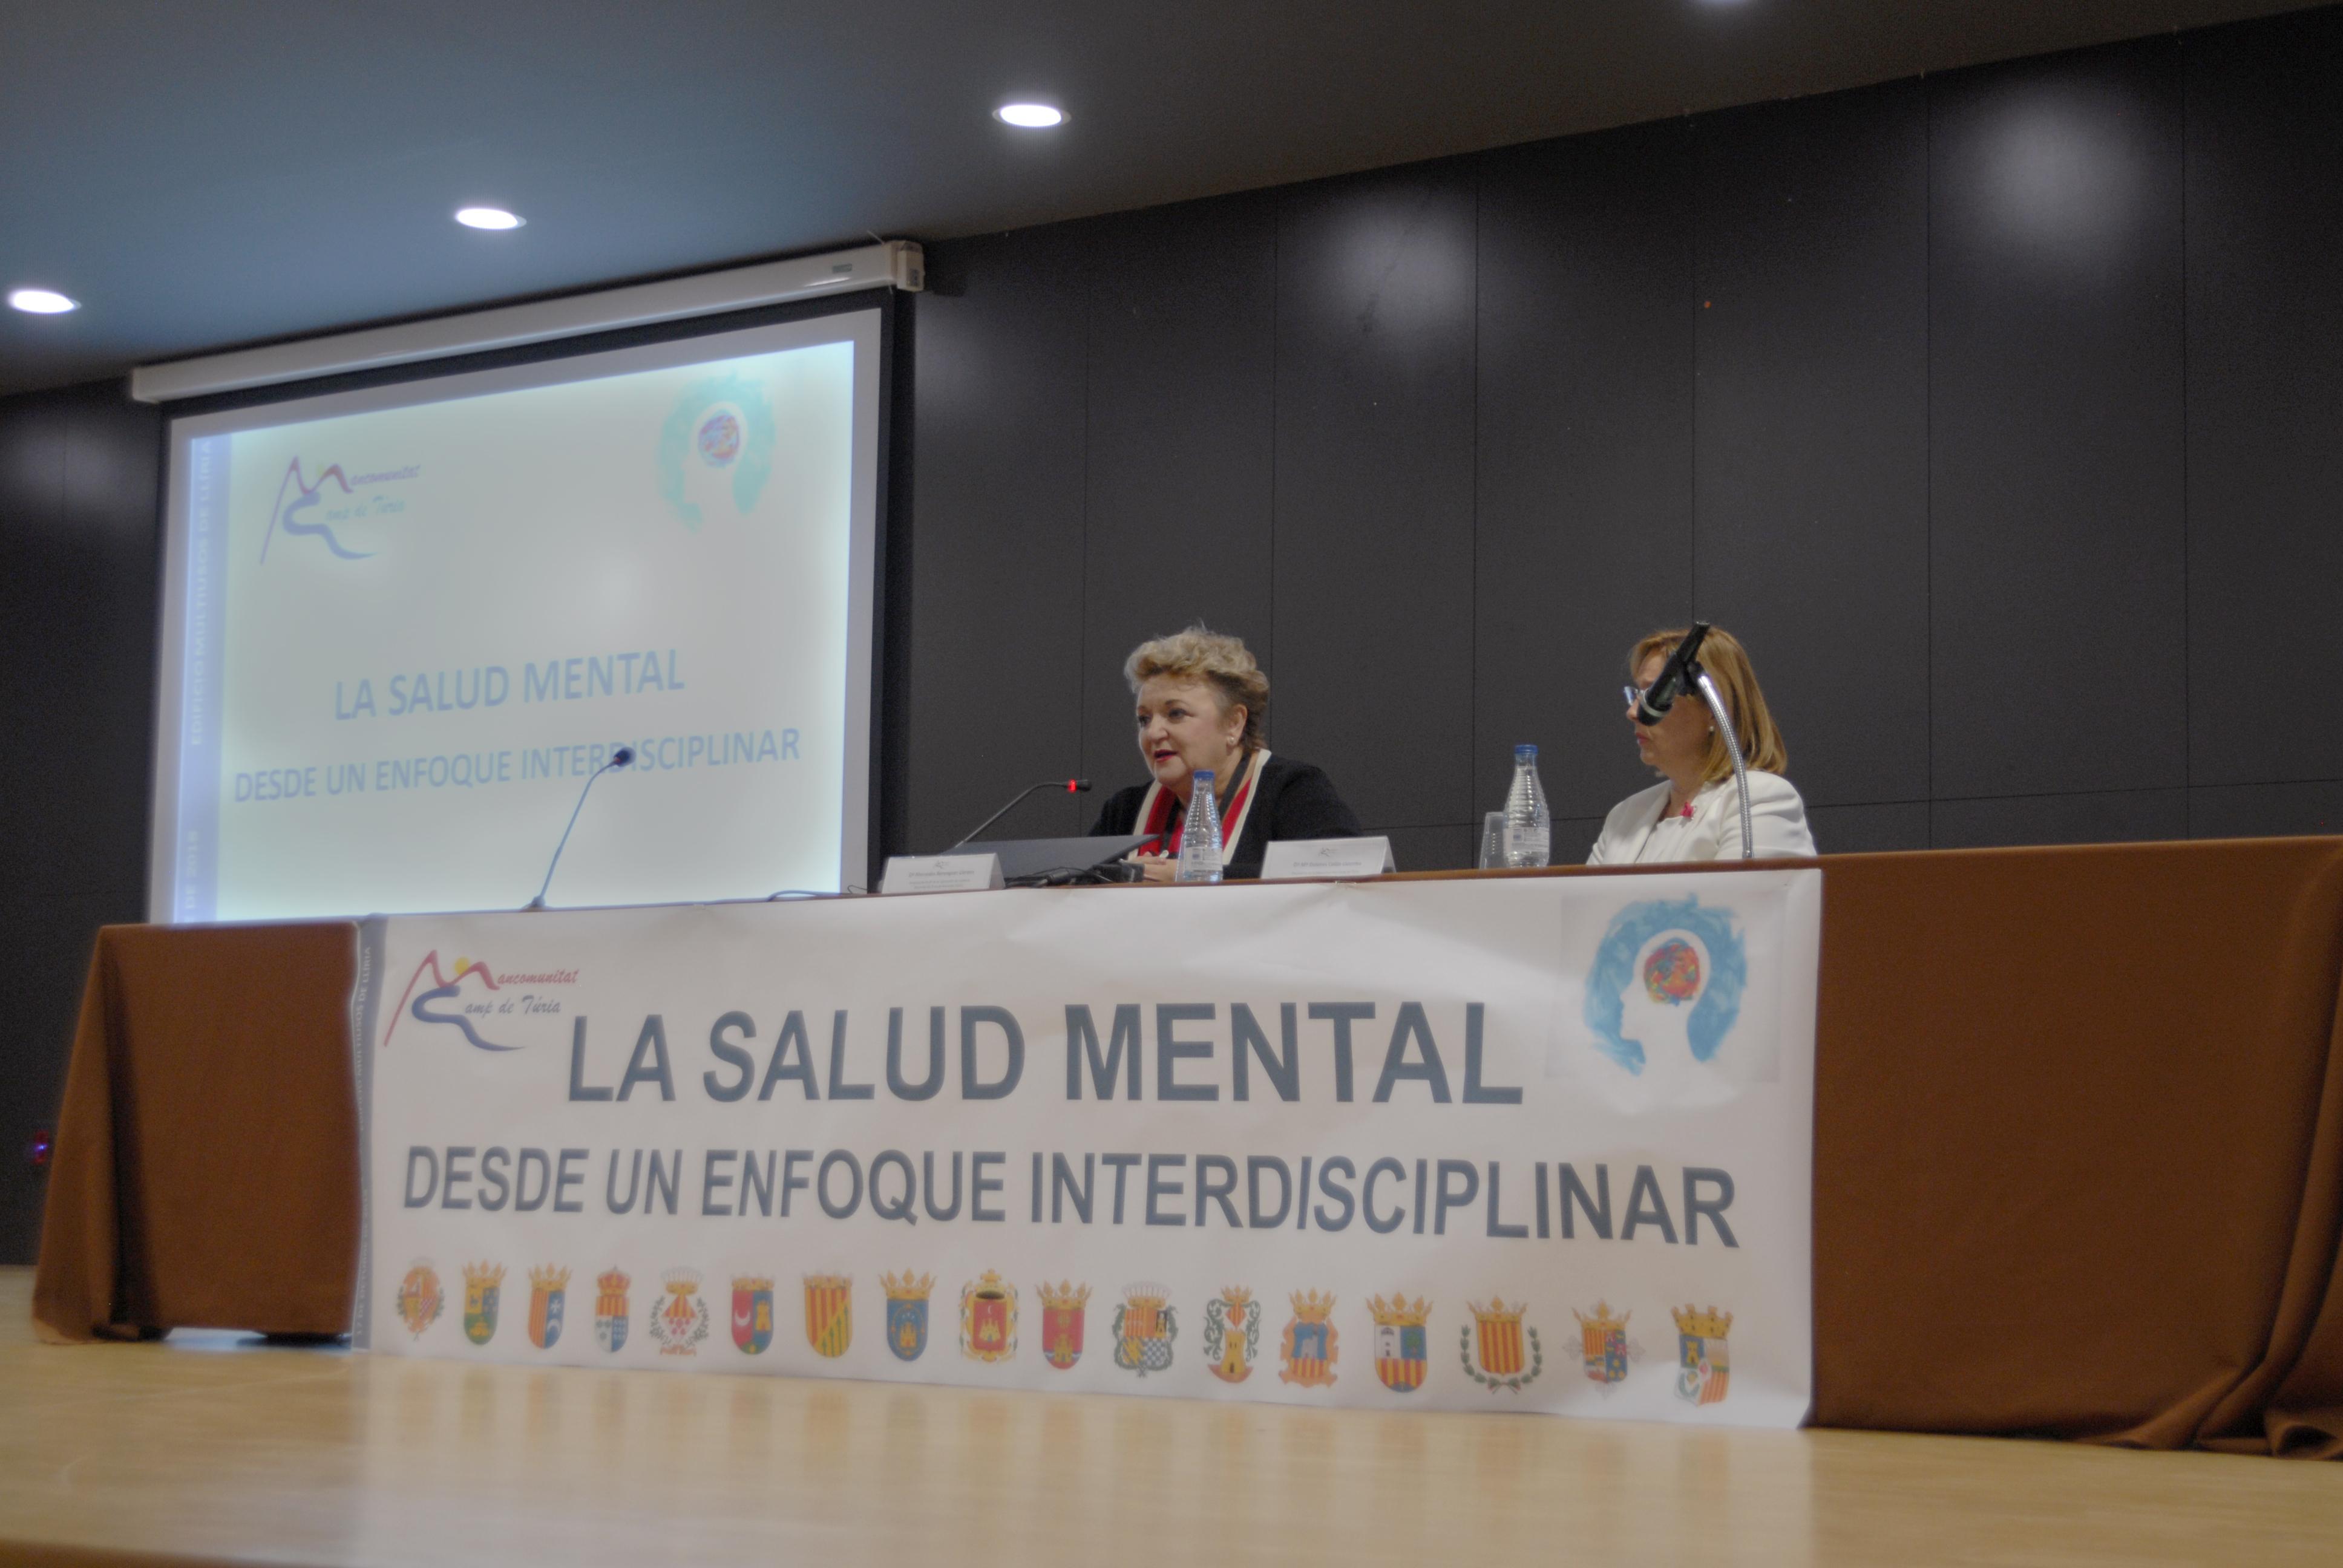 La diputada de Bienestar Social ha inaugurado en Llíria la jornada 'La salud mental desde un enfoque interdisciplinar' junto a la presidenta de la Mancomunidad Camp de Túria.